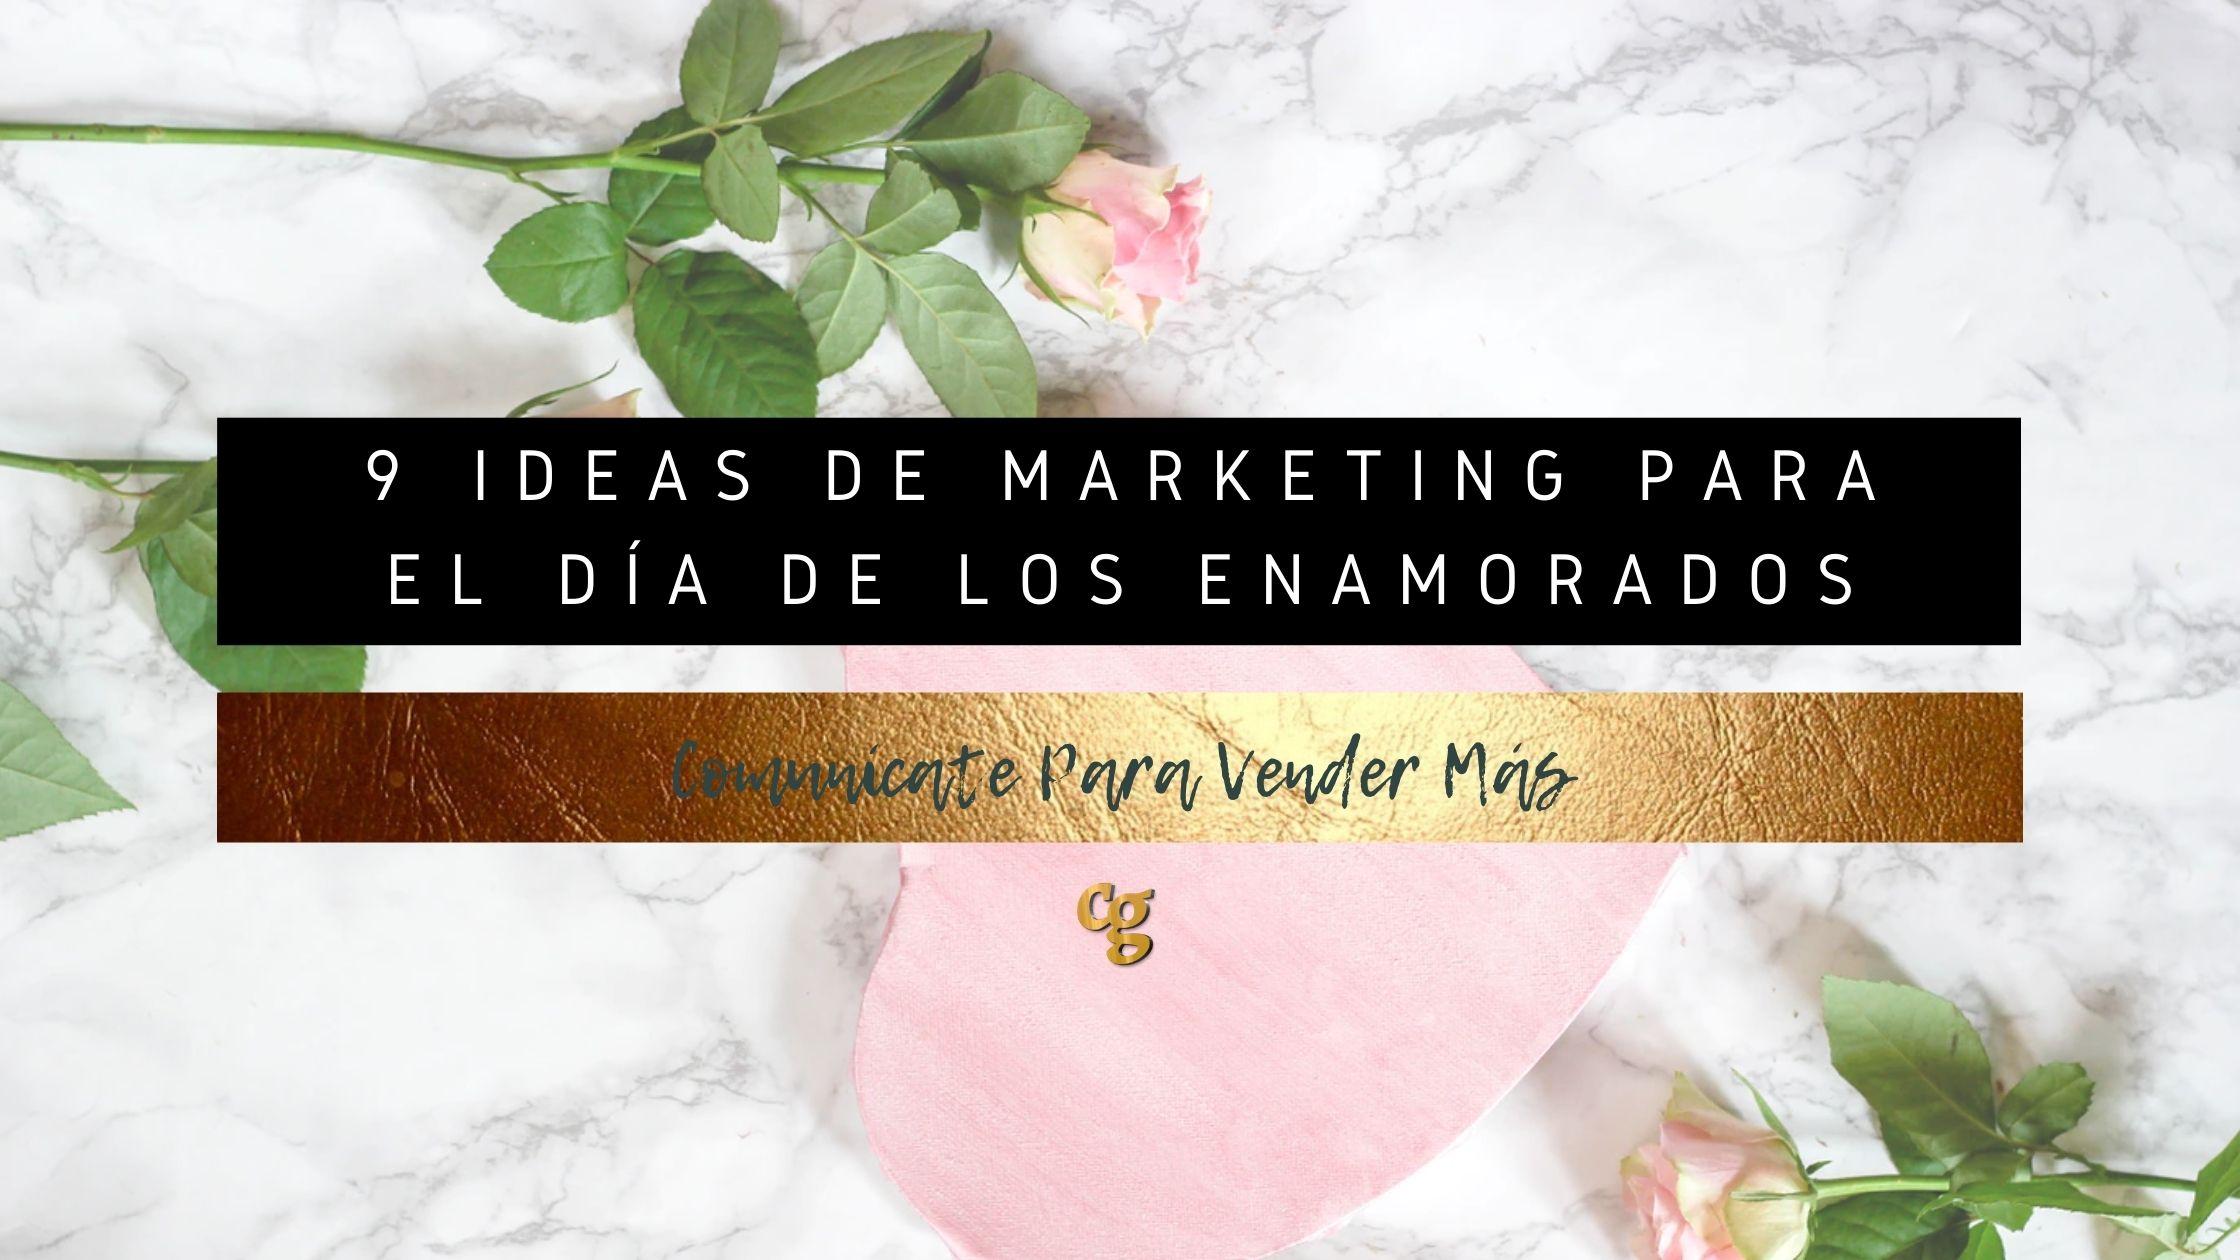 9 IDEAS DE MARKETING PARA EL DIA DE LOS ENAMORADOS